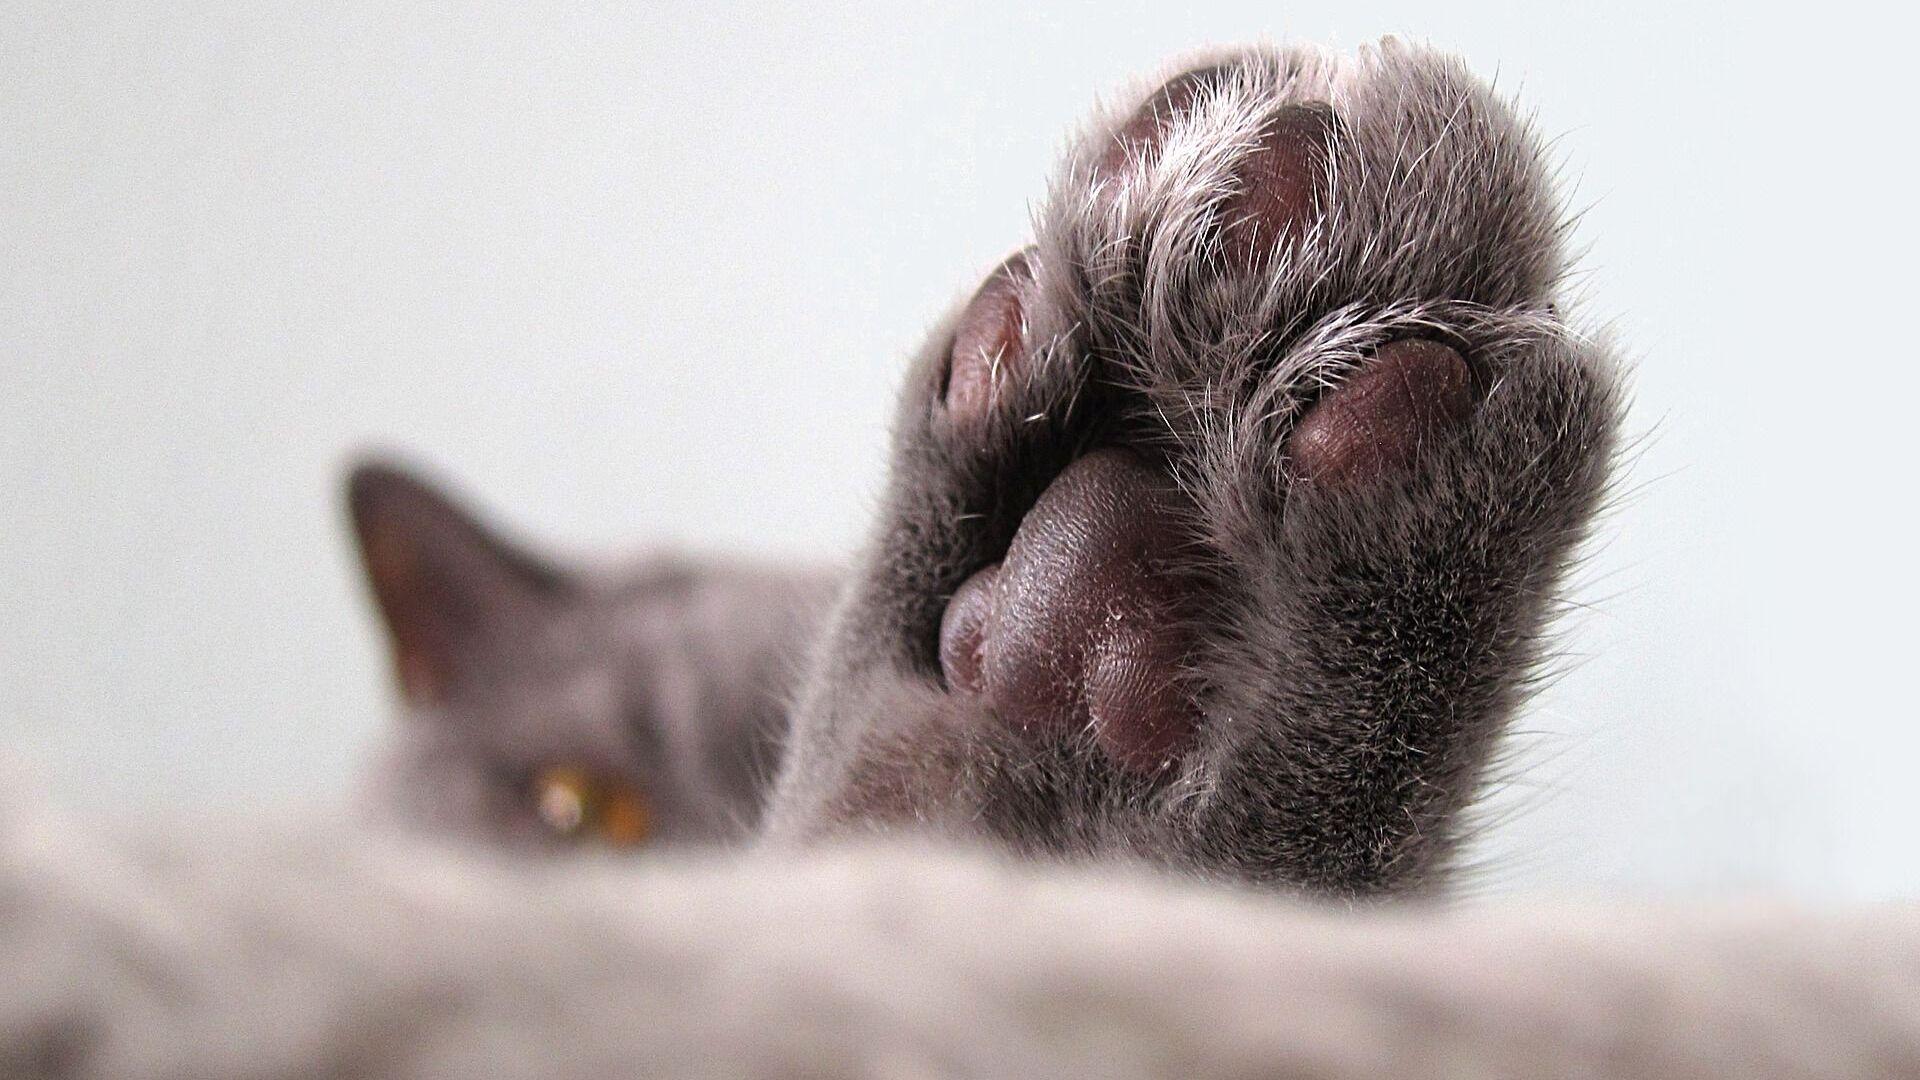 Una pata de un gato (imagen referencial) - Sputnik Mundo, 1920, 08.04.2021